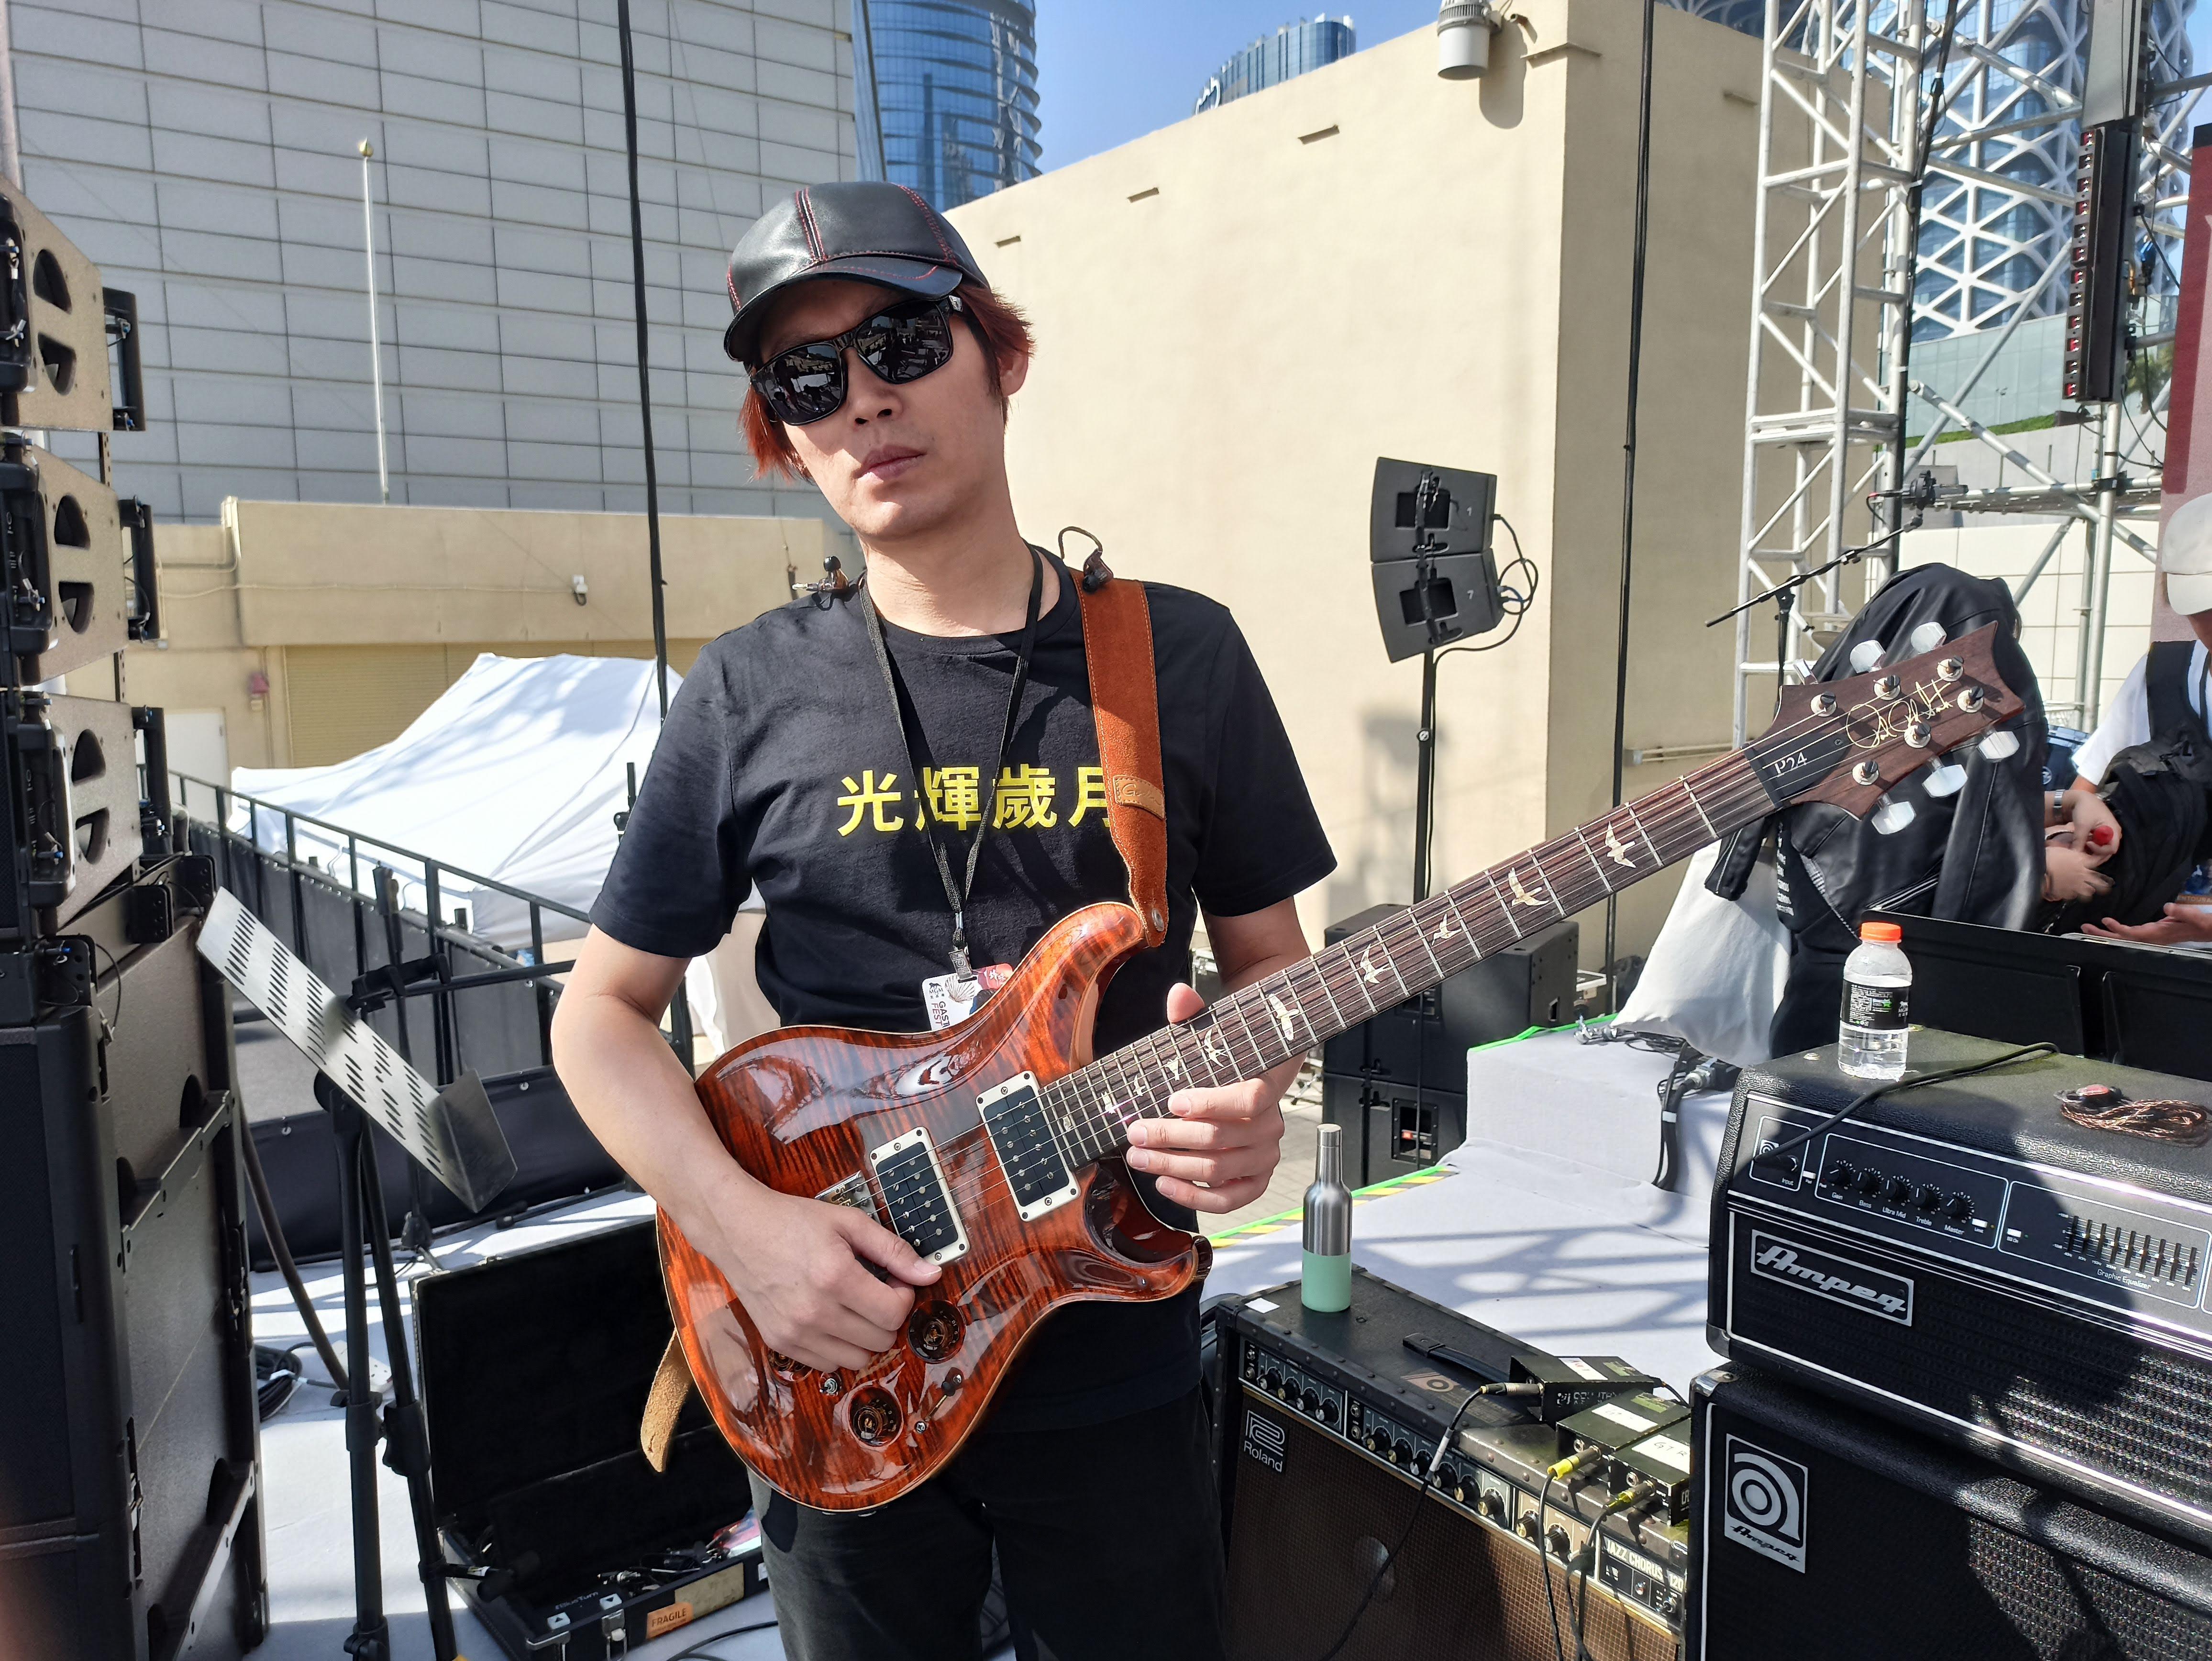 Sebastian Ho